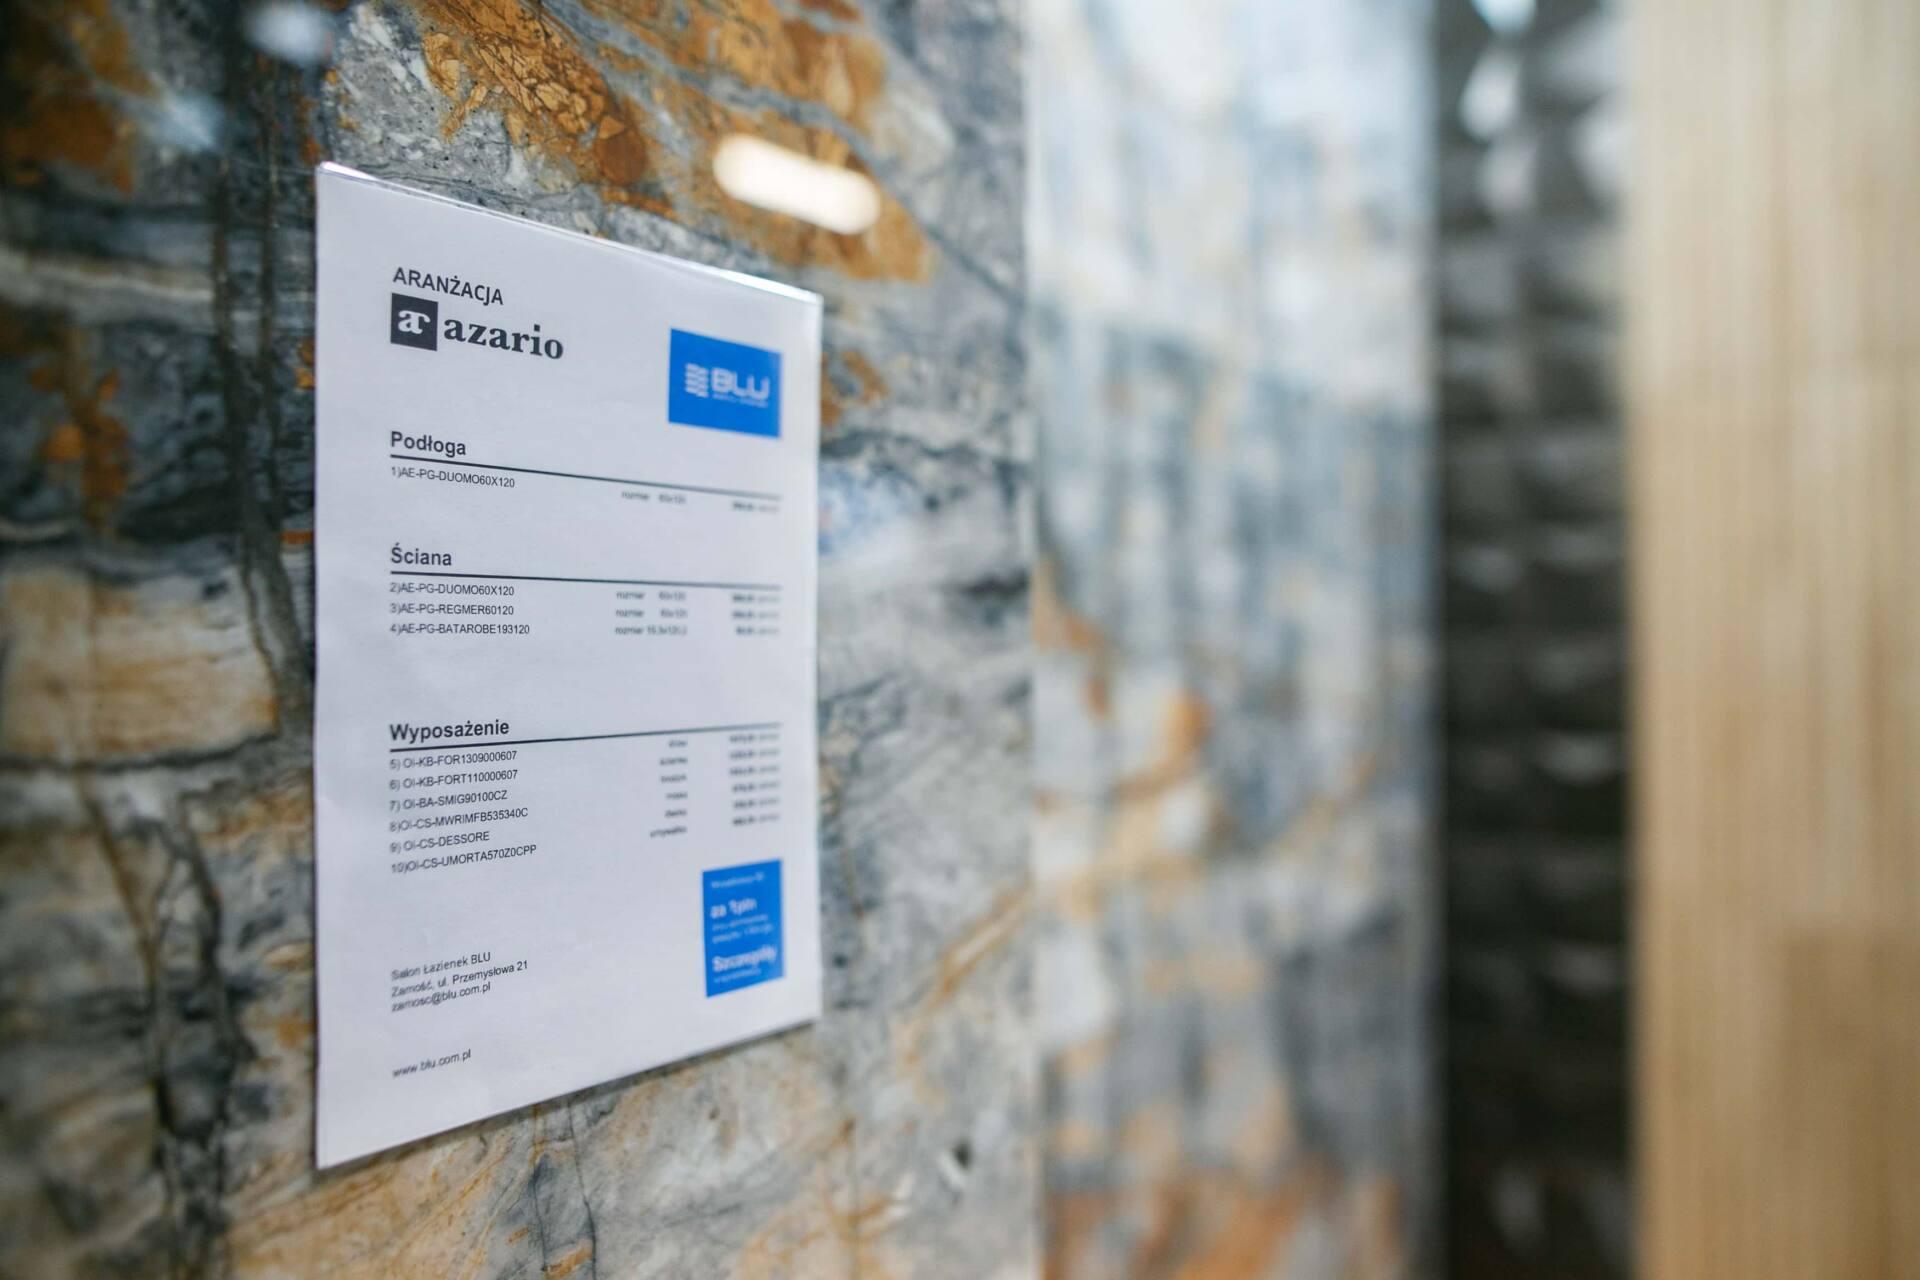 5db 5615 Nowy salon łazienek BLU w Zamościu już otwarty! Publikujemy 80 zdjęć